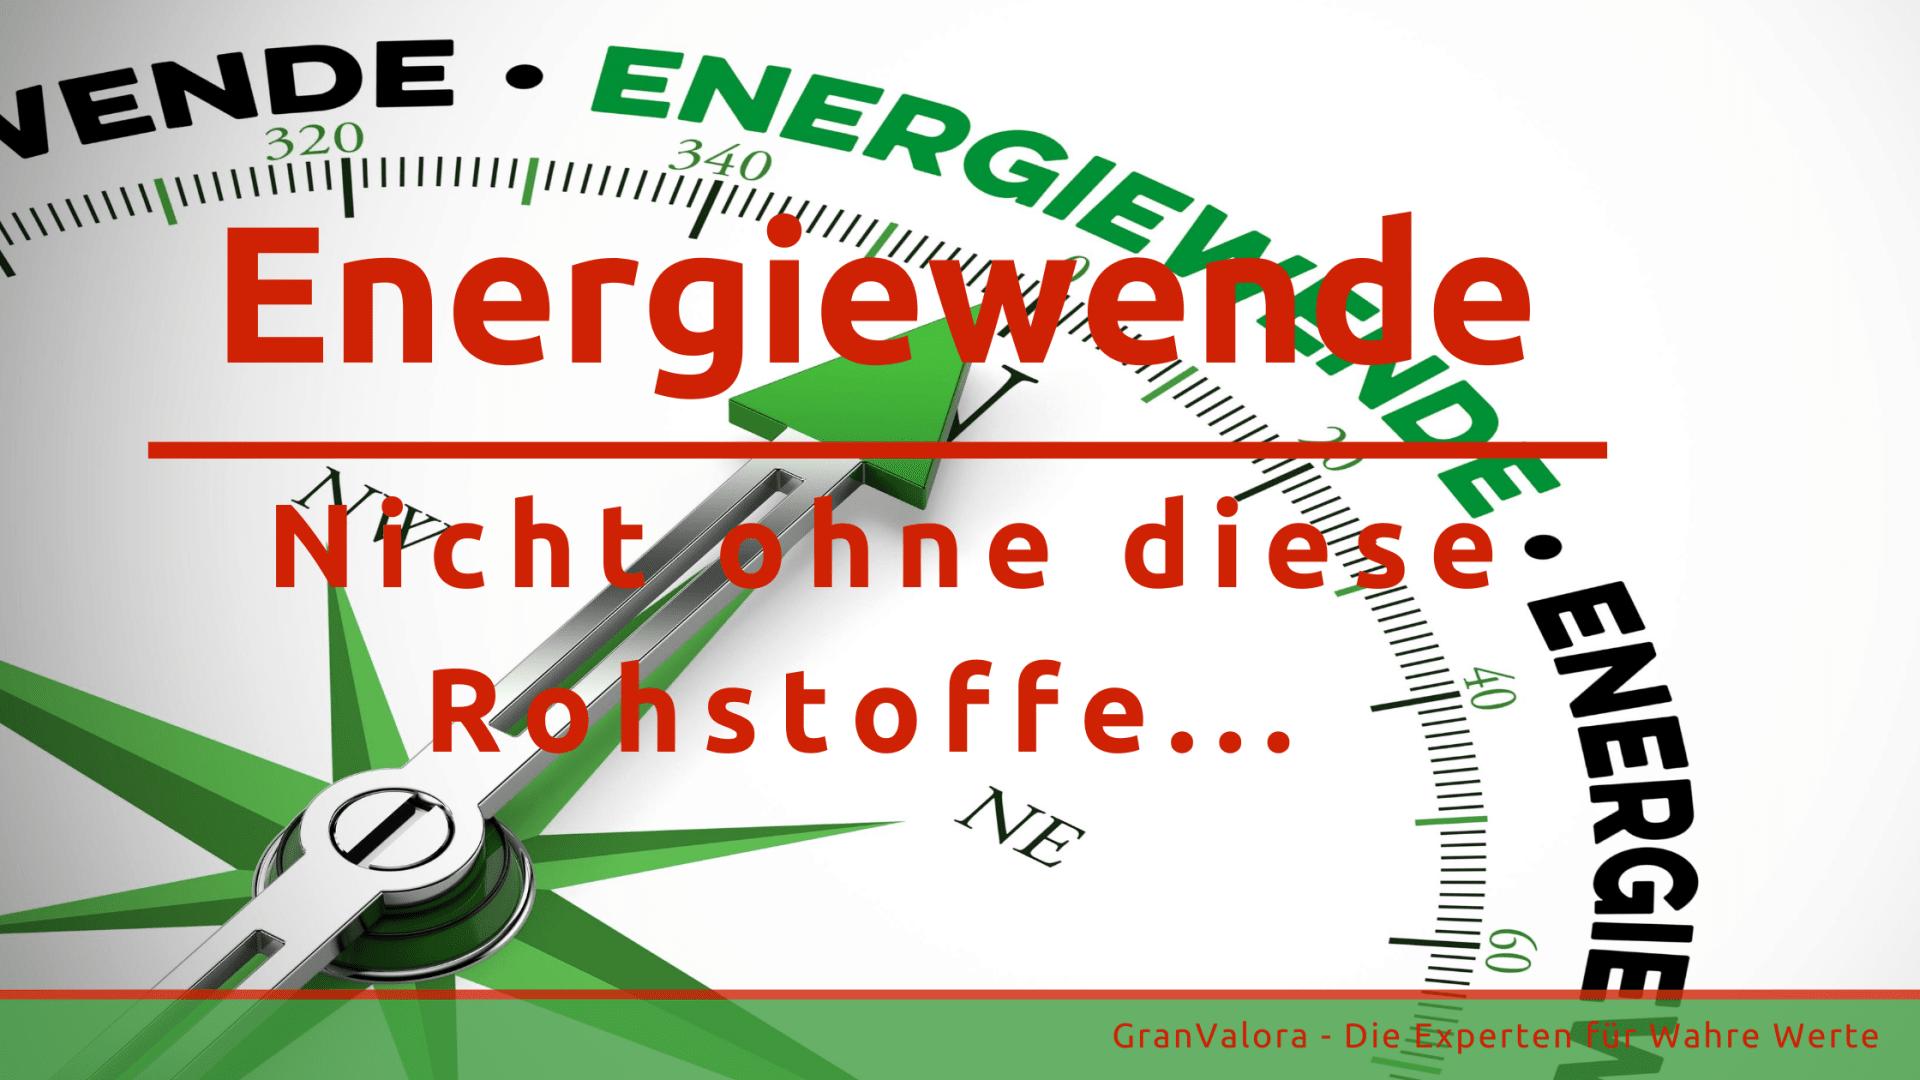 Rohstoffe für die Energiewende: Edelmetalle und Seltene Erden für die grüne Zukunft